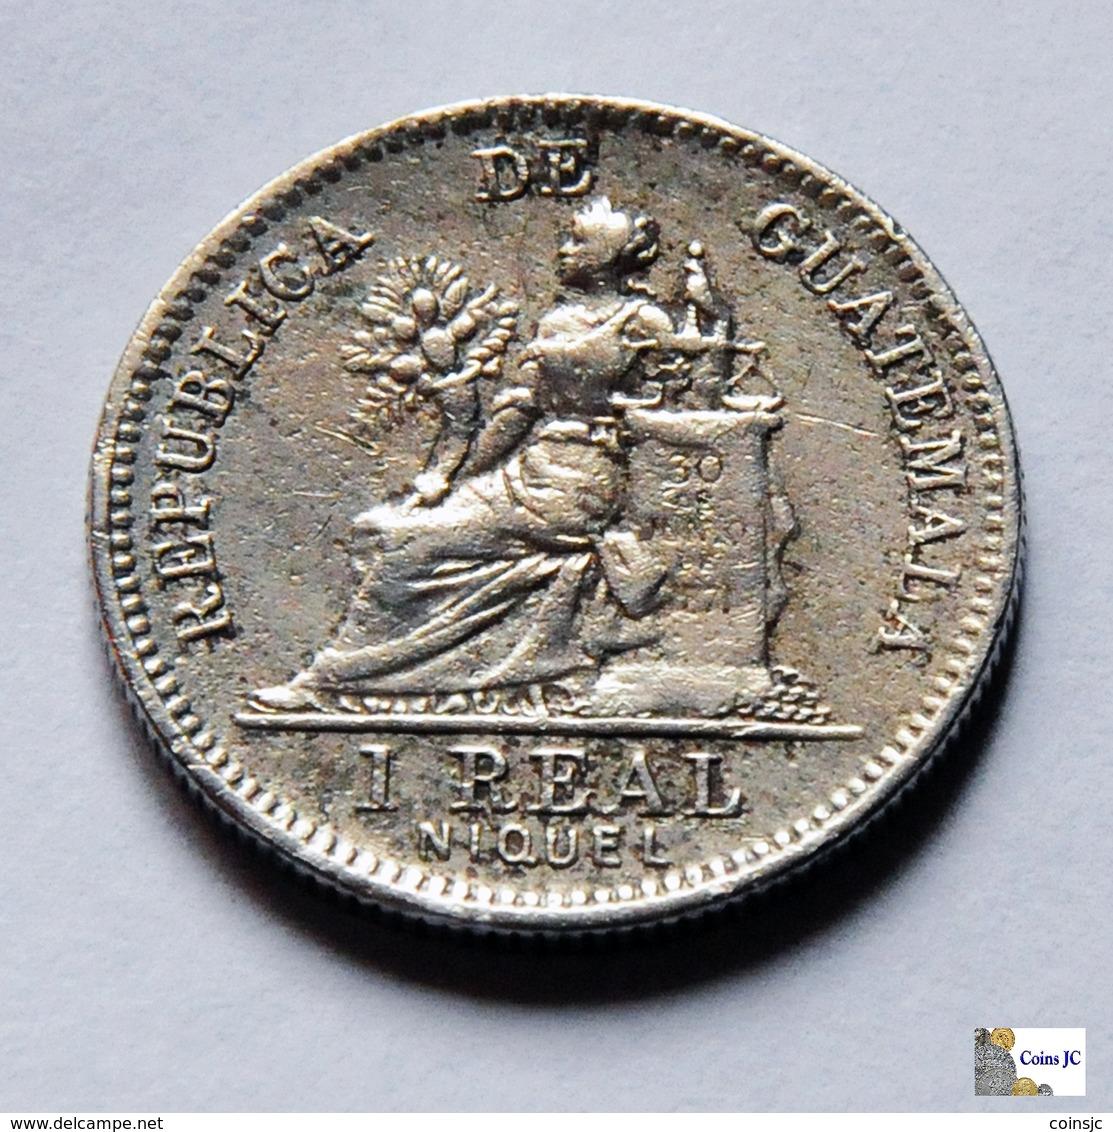 Guatemala - 1 Real - 1900 - Guatemala